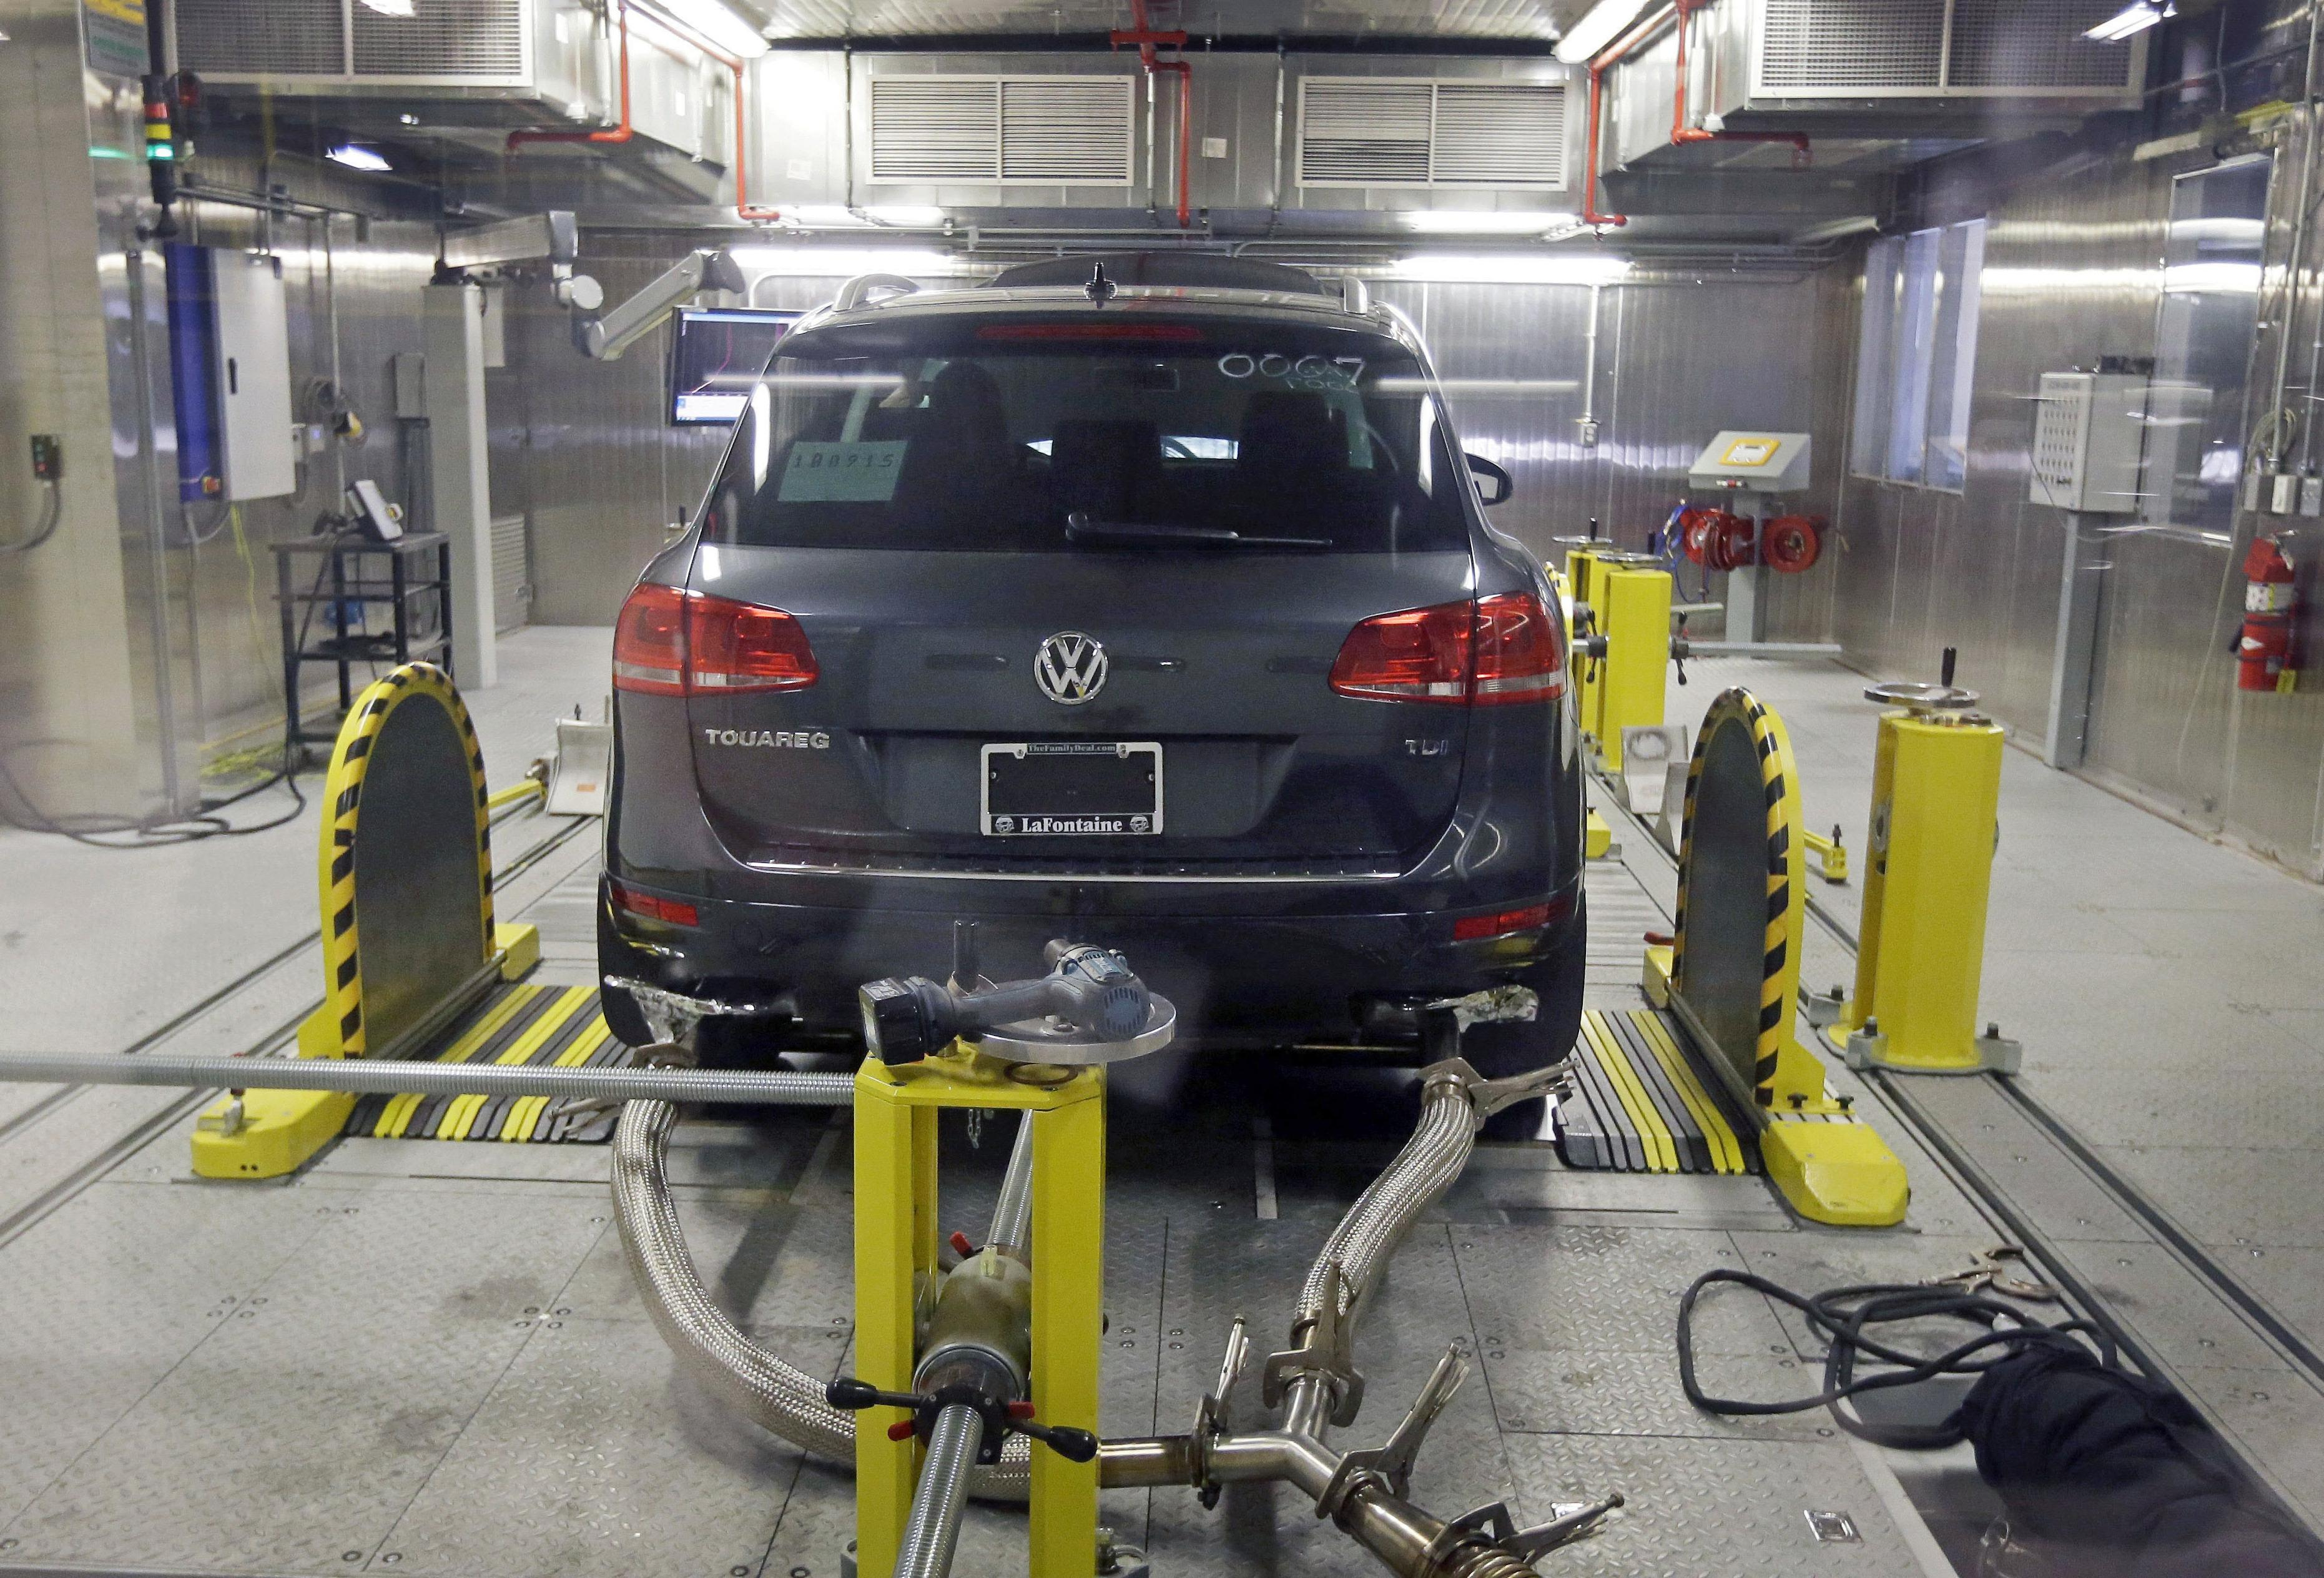 Judge faces deadline on $15B Volkswagen emissions deal